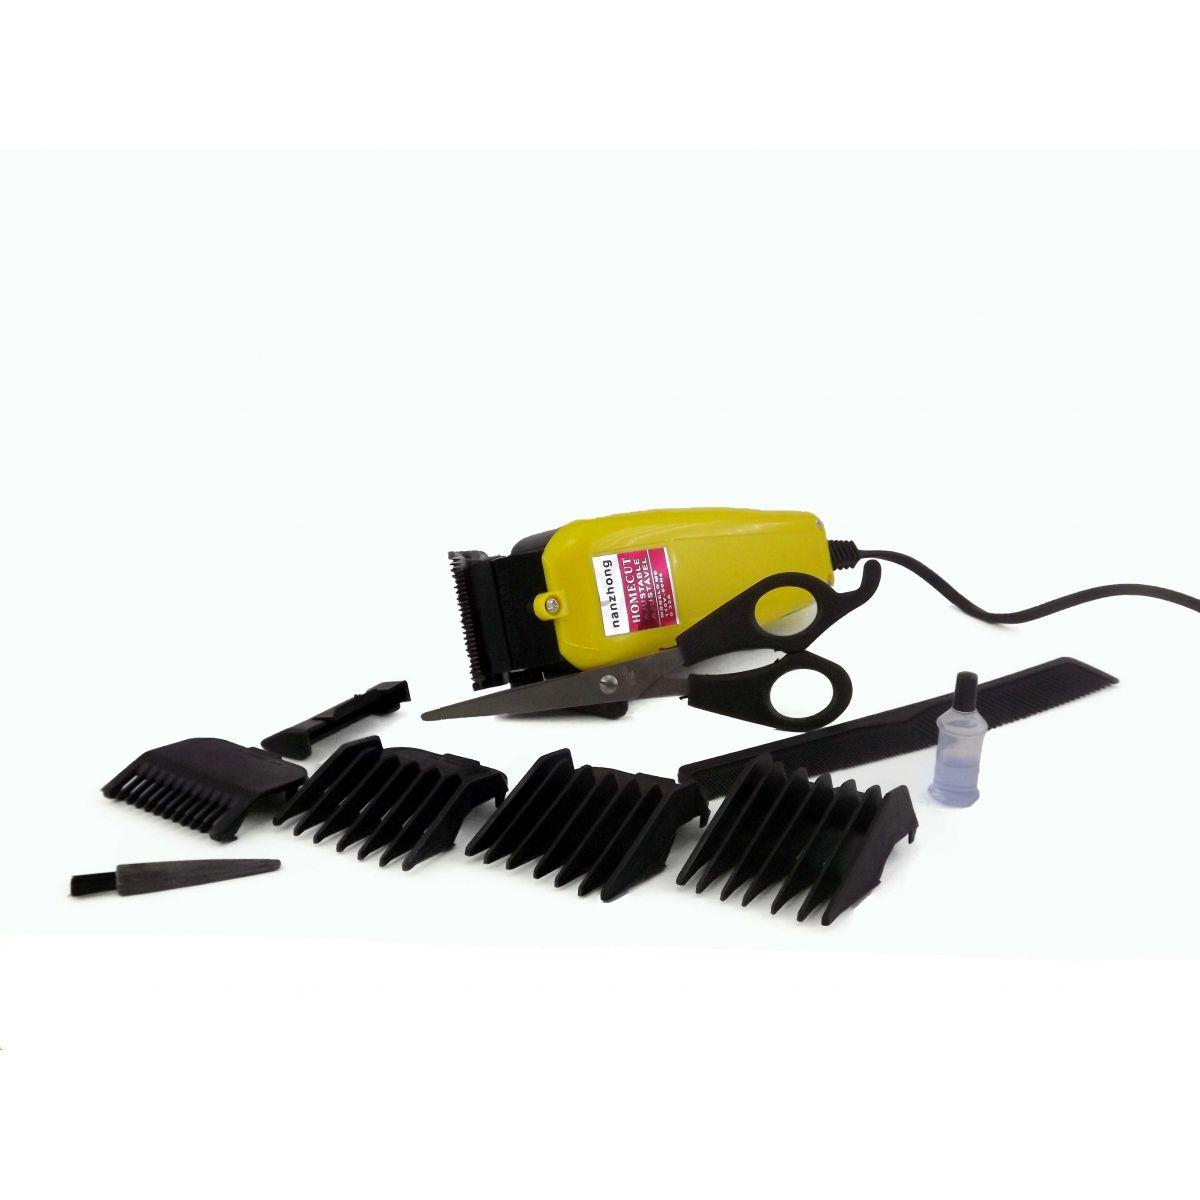 Maquina de cortar cabelo Profissional NZ-012